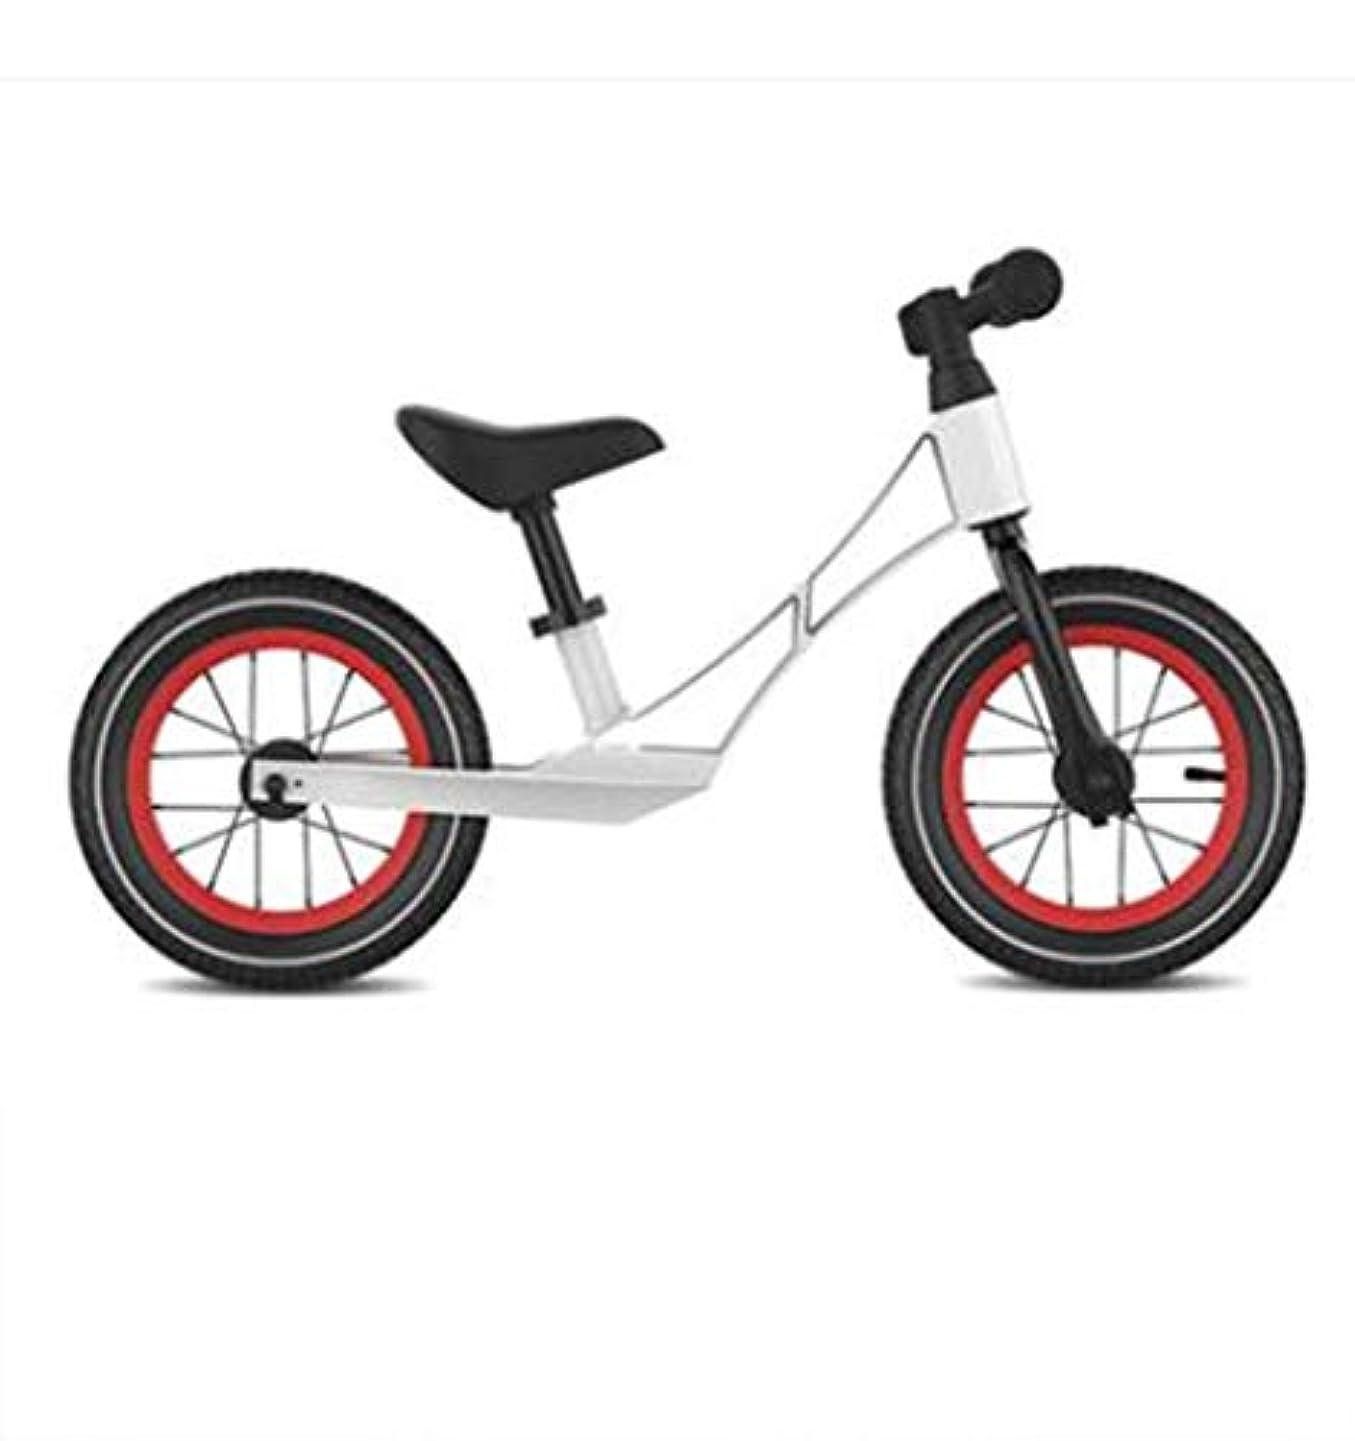 面積ぺディカブ推奨スポーツアウトドアペダルなしバランスバイク3?6歳の子供ウォーキングラーニングスポーツトレーニング自転車男の子&女の子幼稚園子供